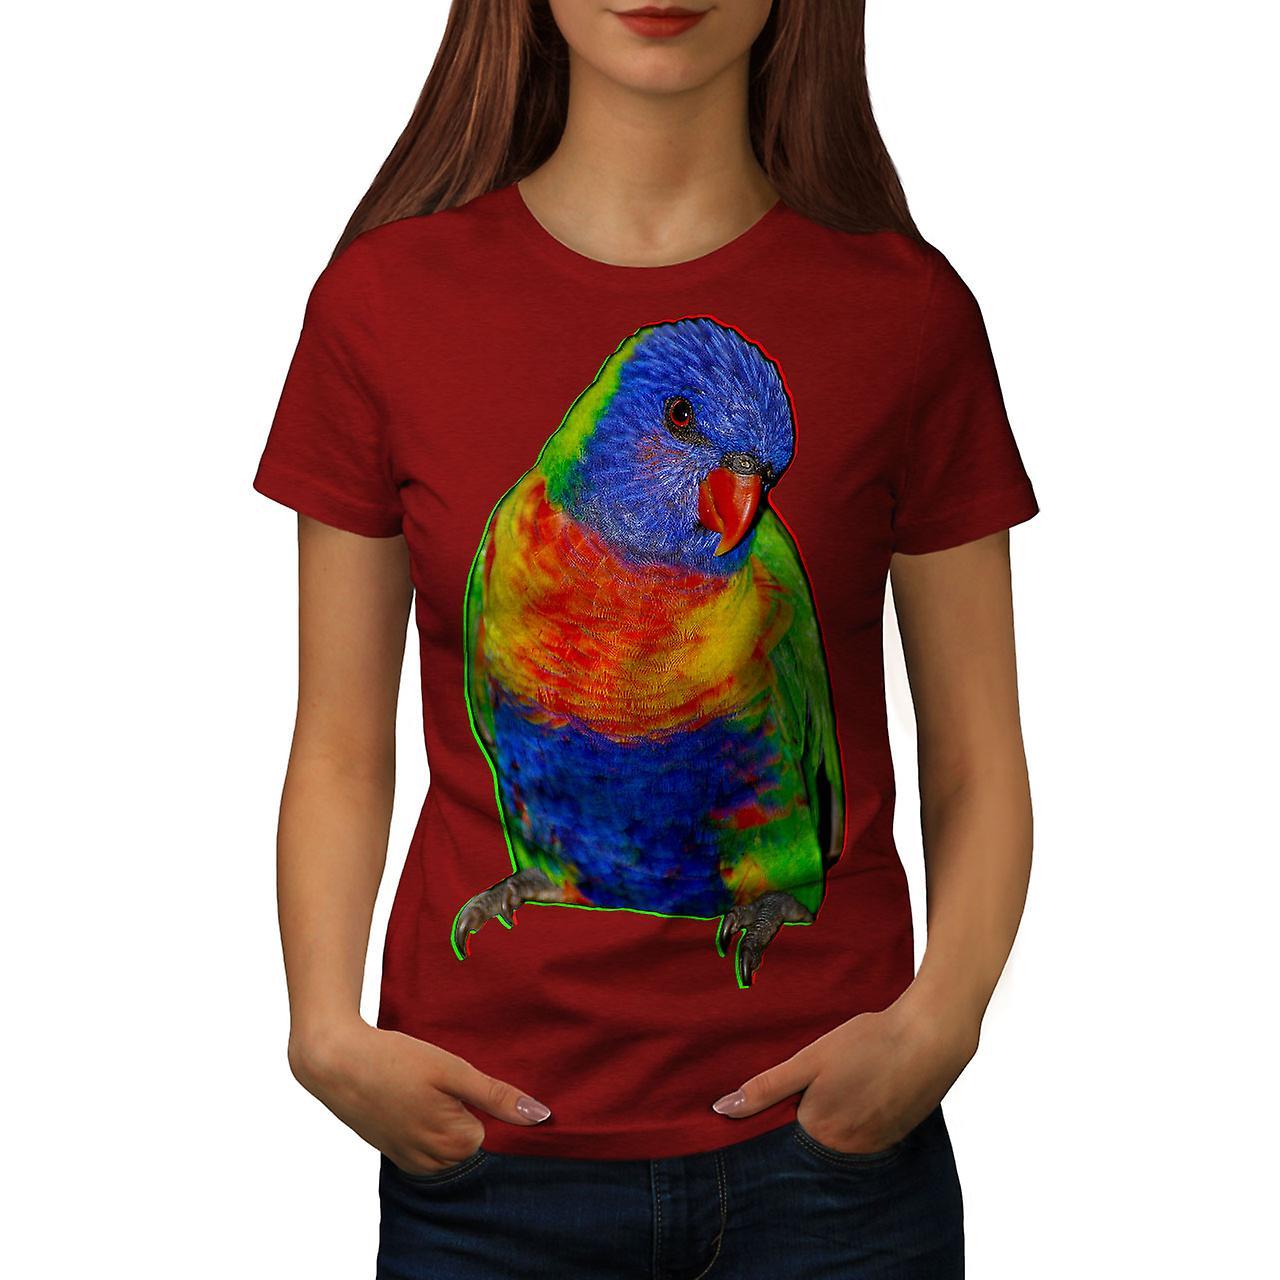 609b9bfc Parrot Cheeky Look Women RedT-shirt | Wellcoda | Fruugo